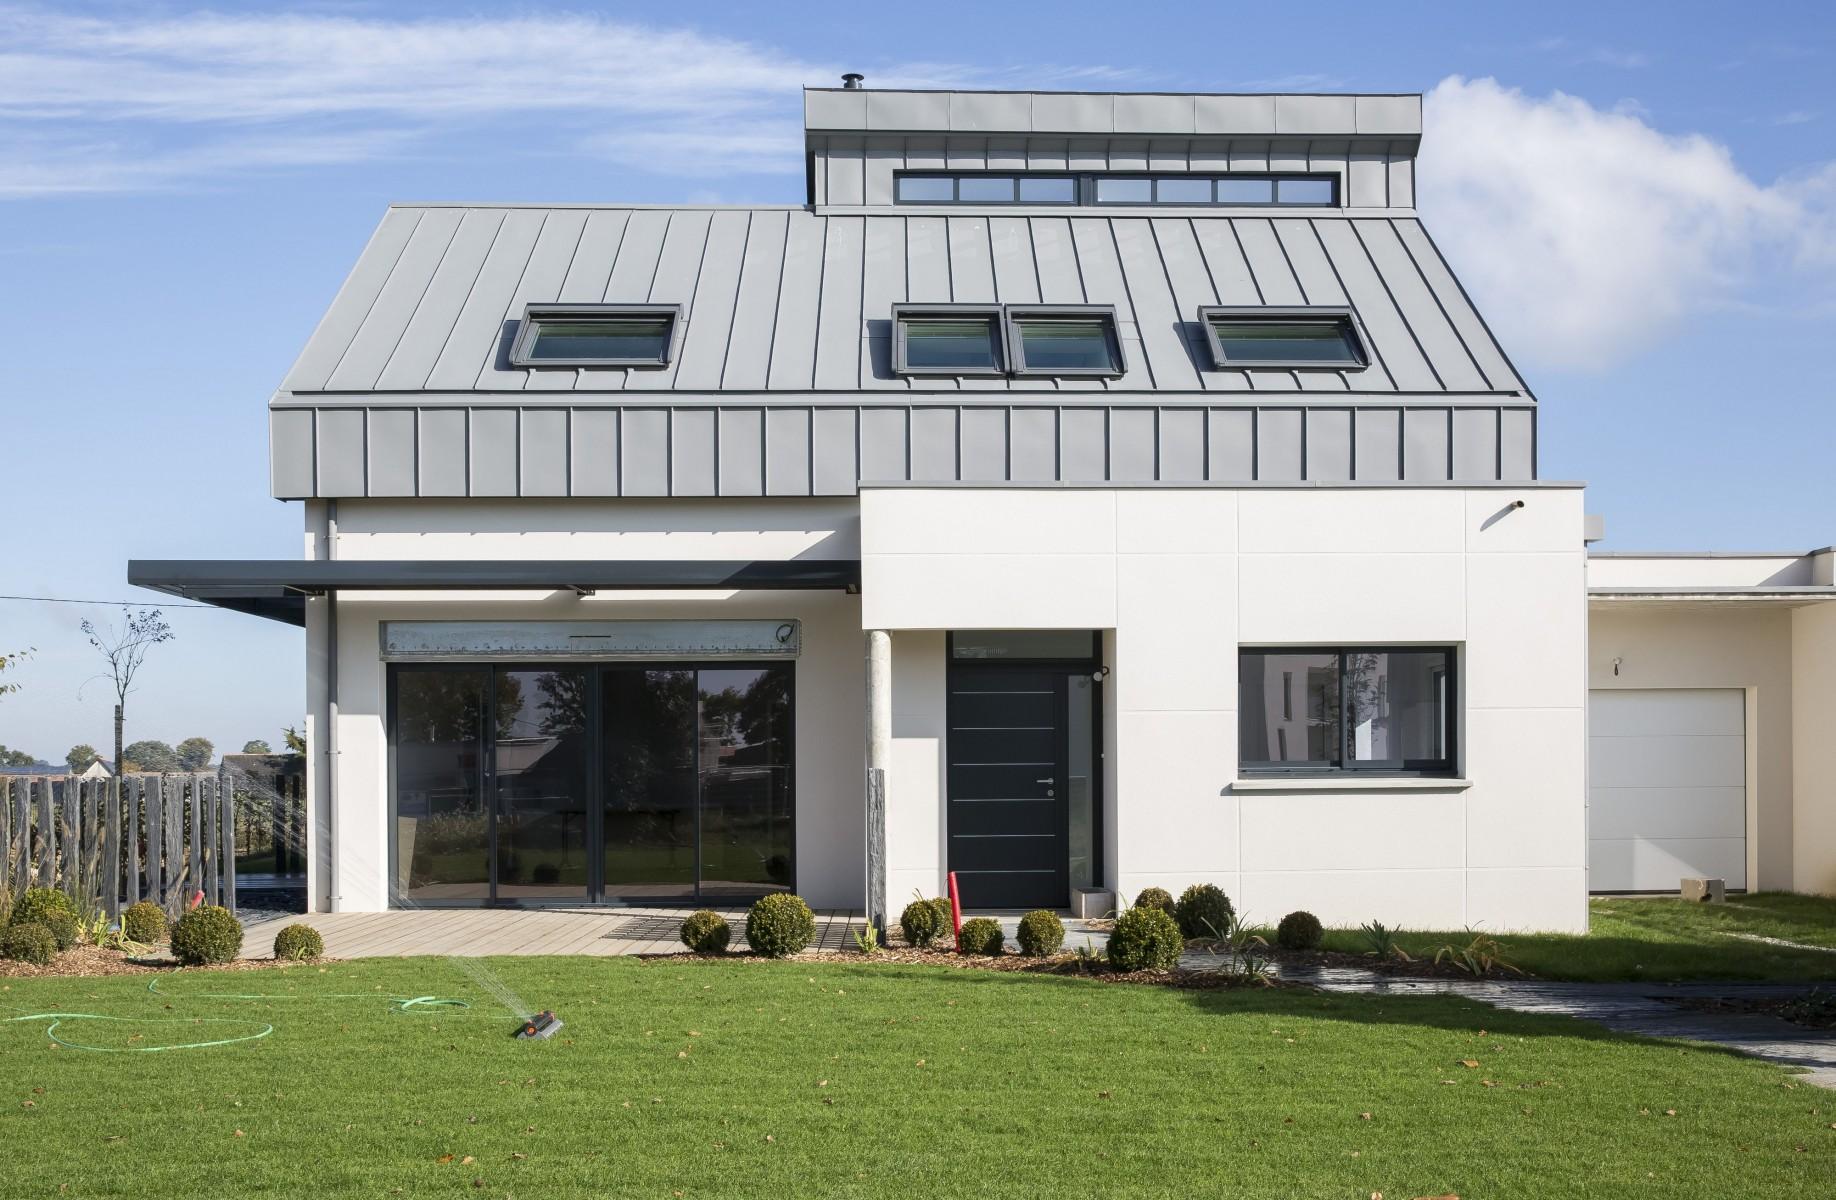 La vision velux de l habitat de demain inspire le for Maison saine air et lumiere